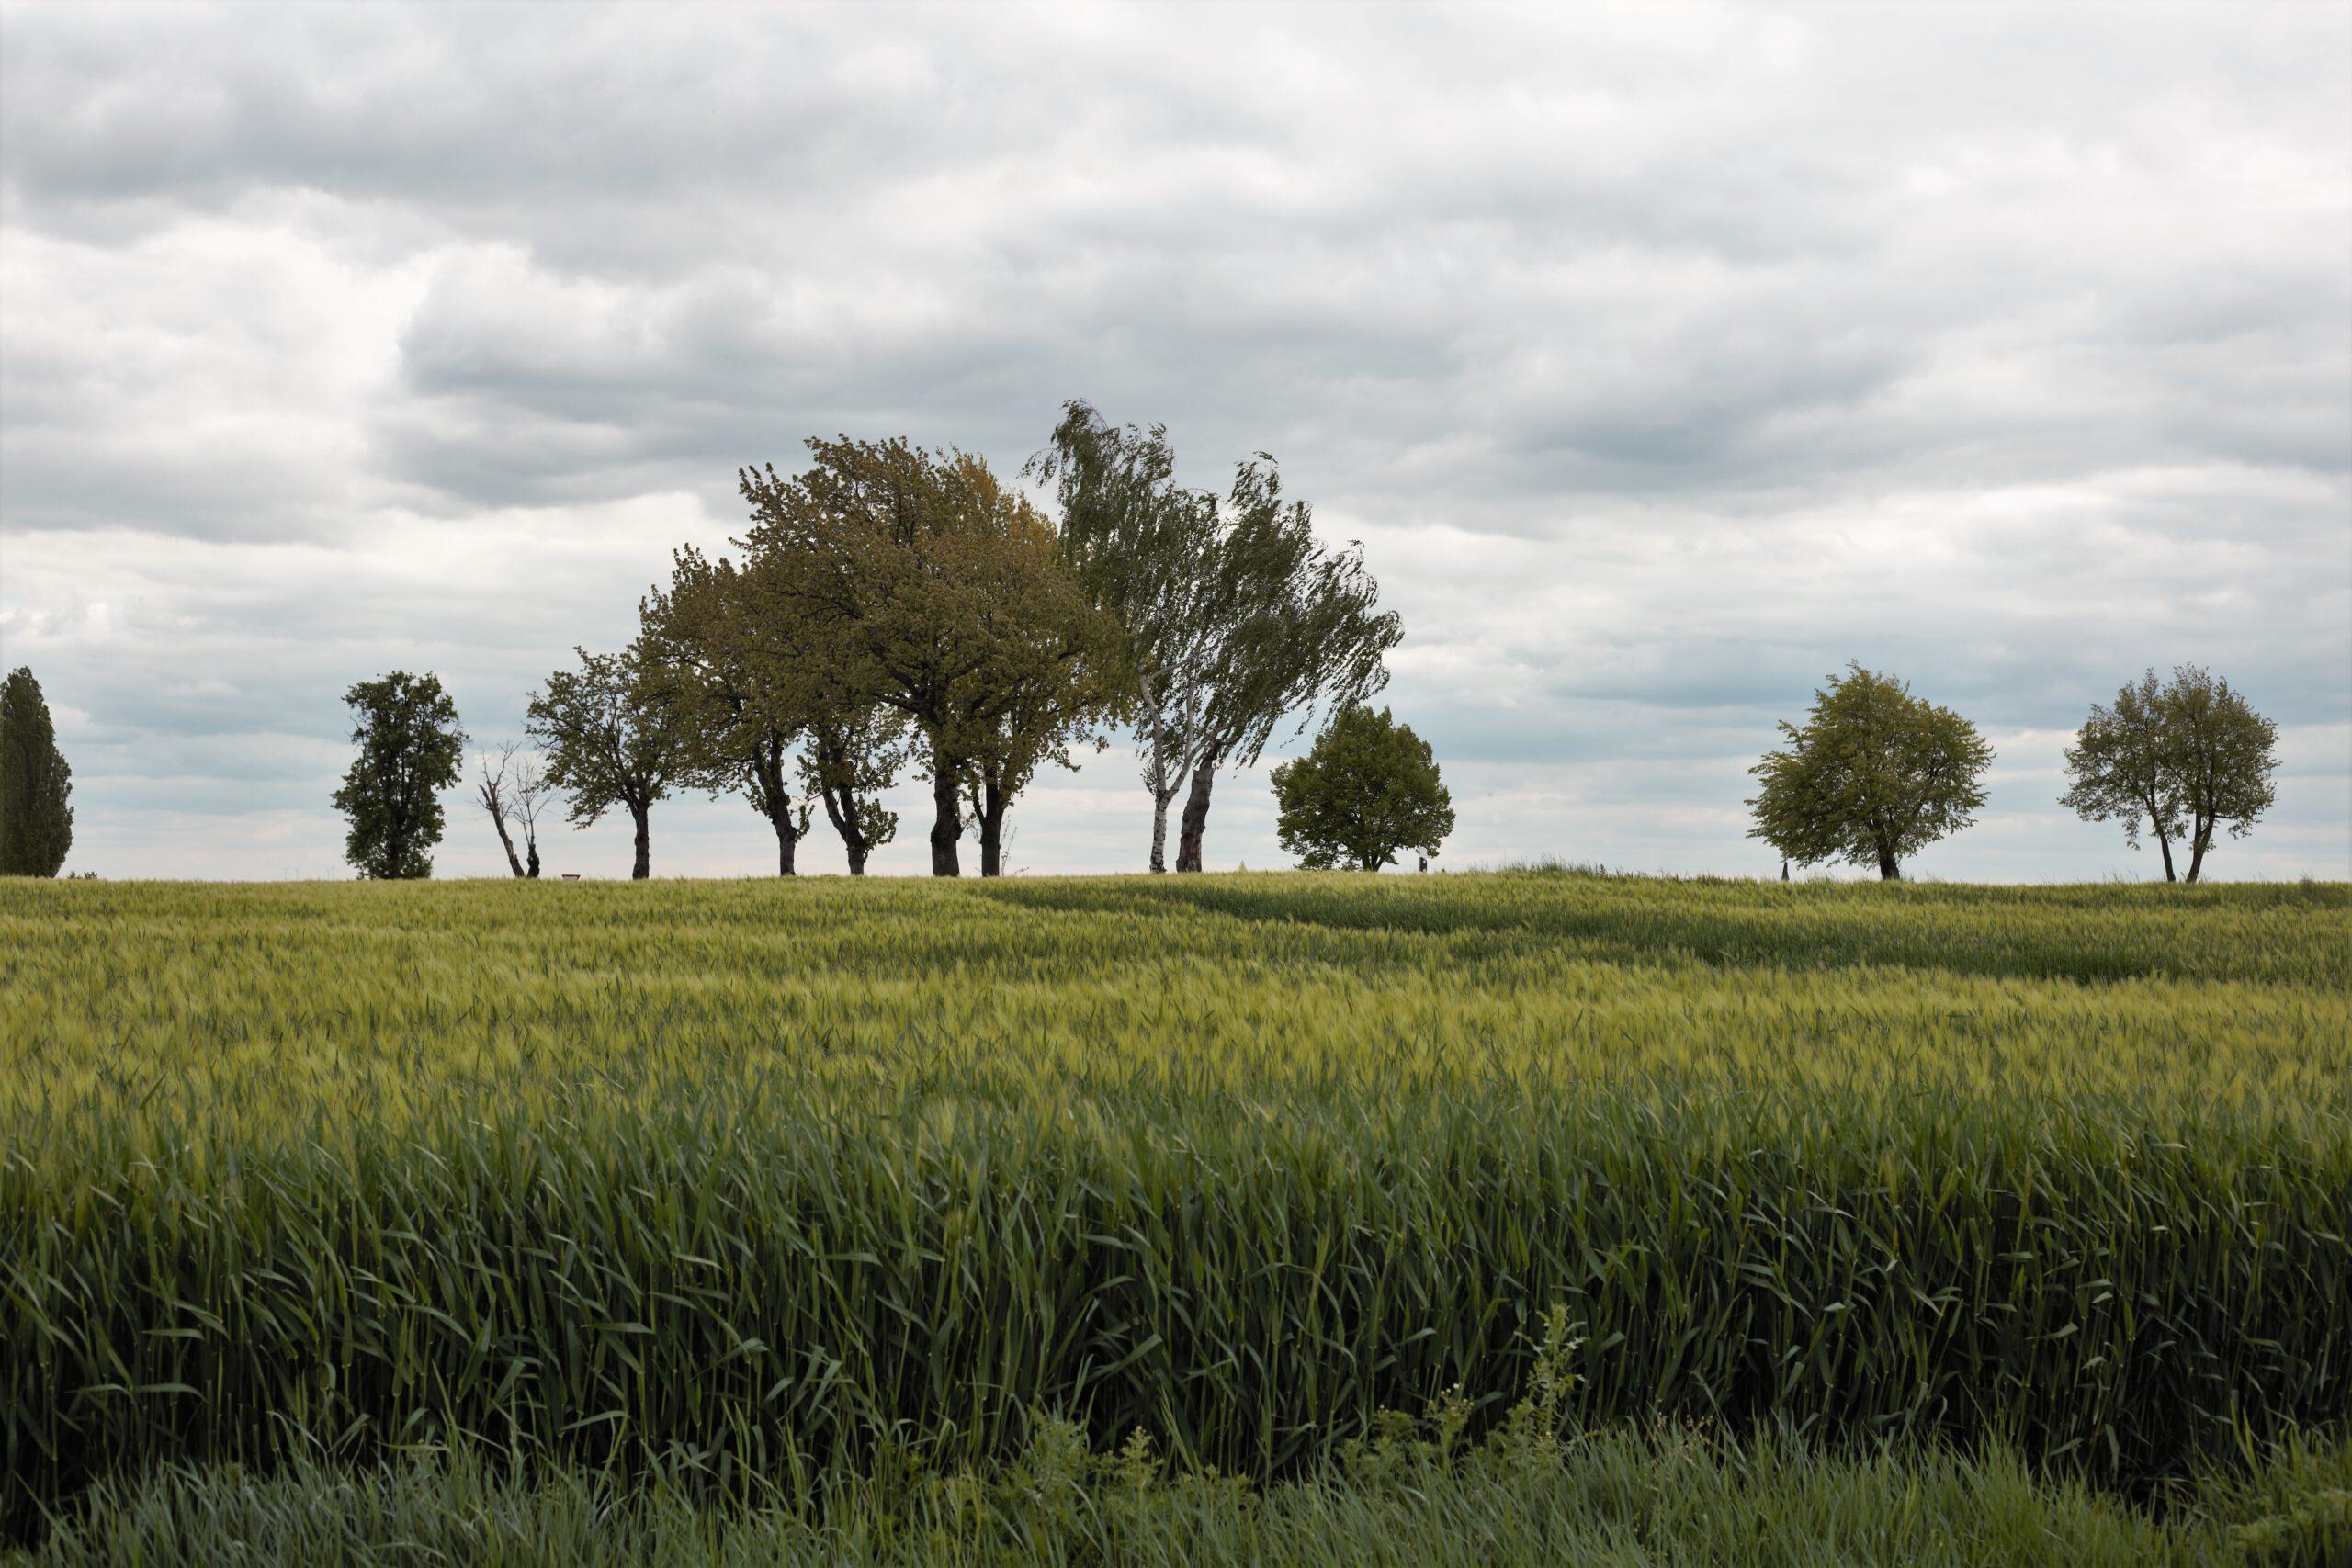 Agrarunternehmen Lommatzscher Pflege e.G.: Aus der Region, für die Region